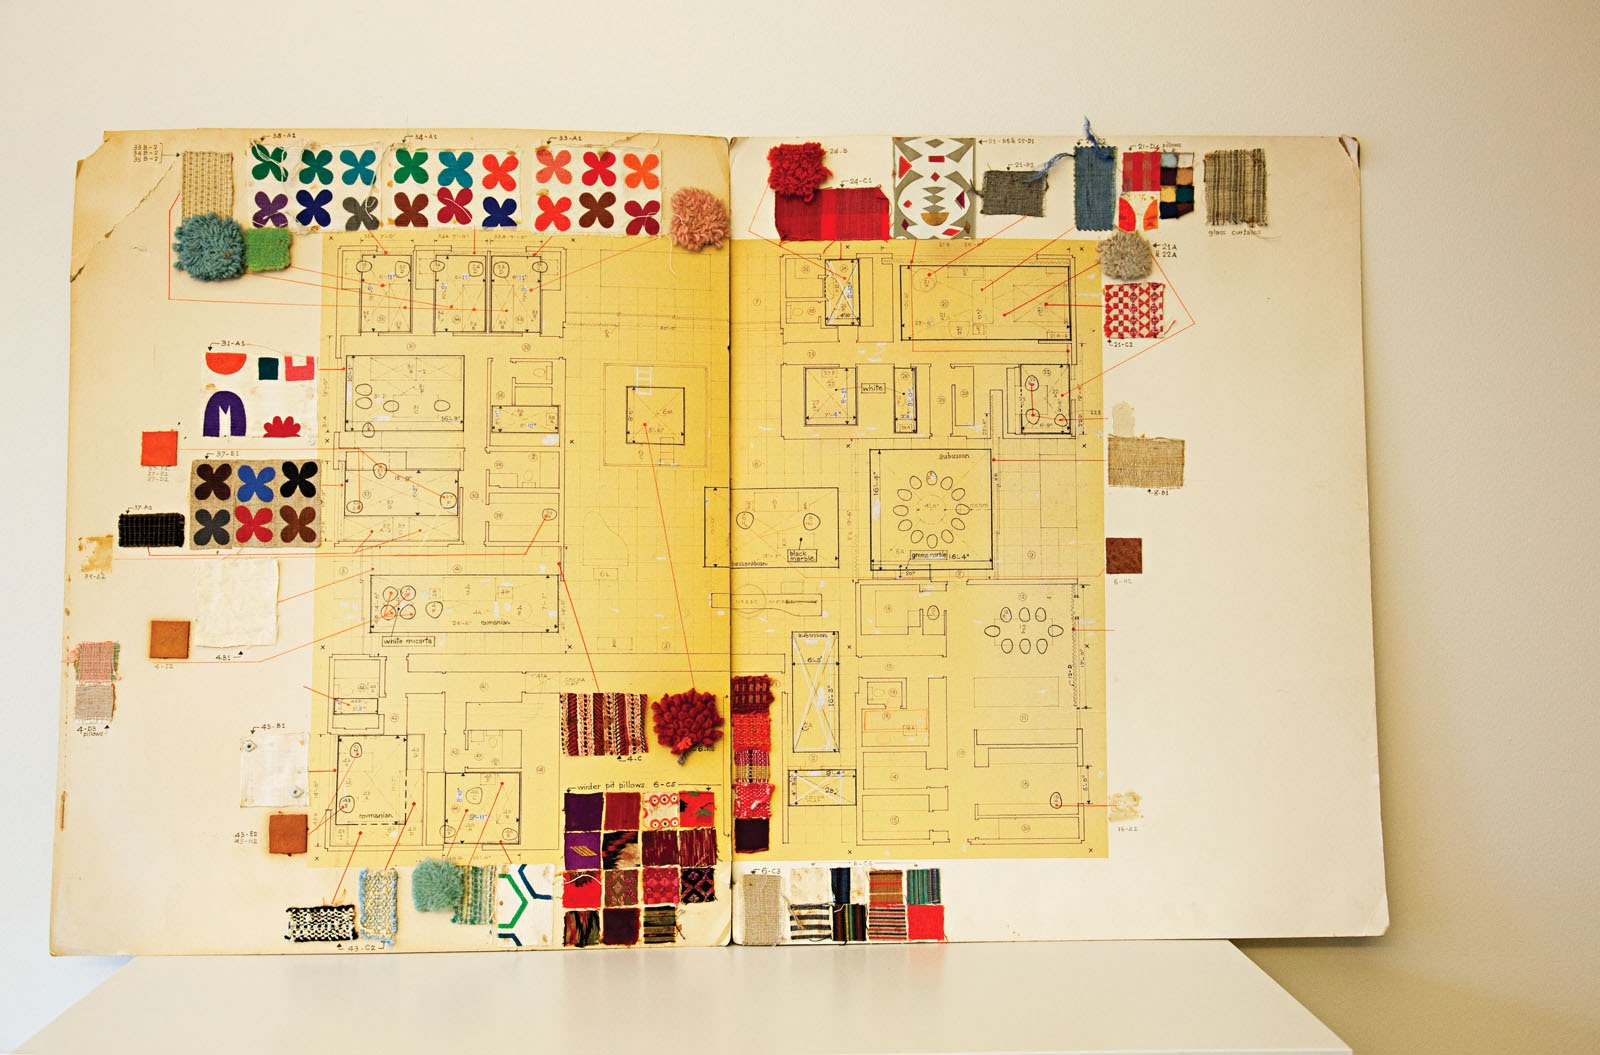 Perfekt abgestimmte Inneneinrichtung und Design im Miller House - dokumentiert im Storybook von Alexander Girard